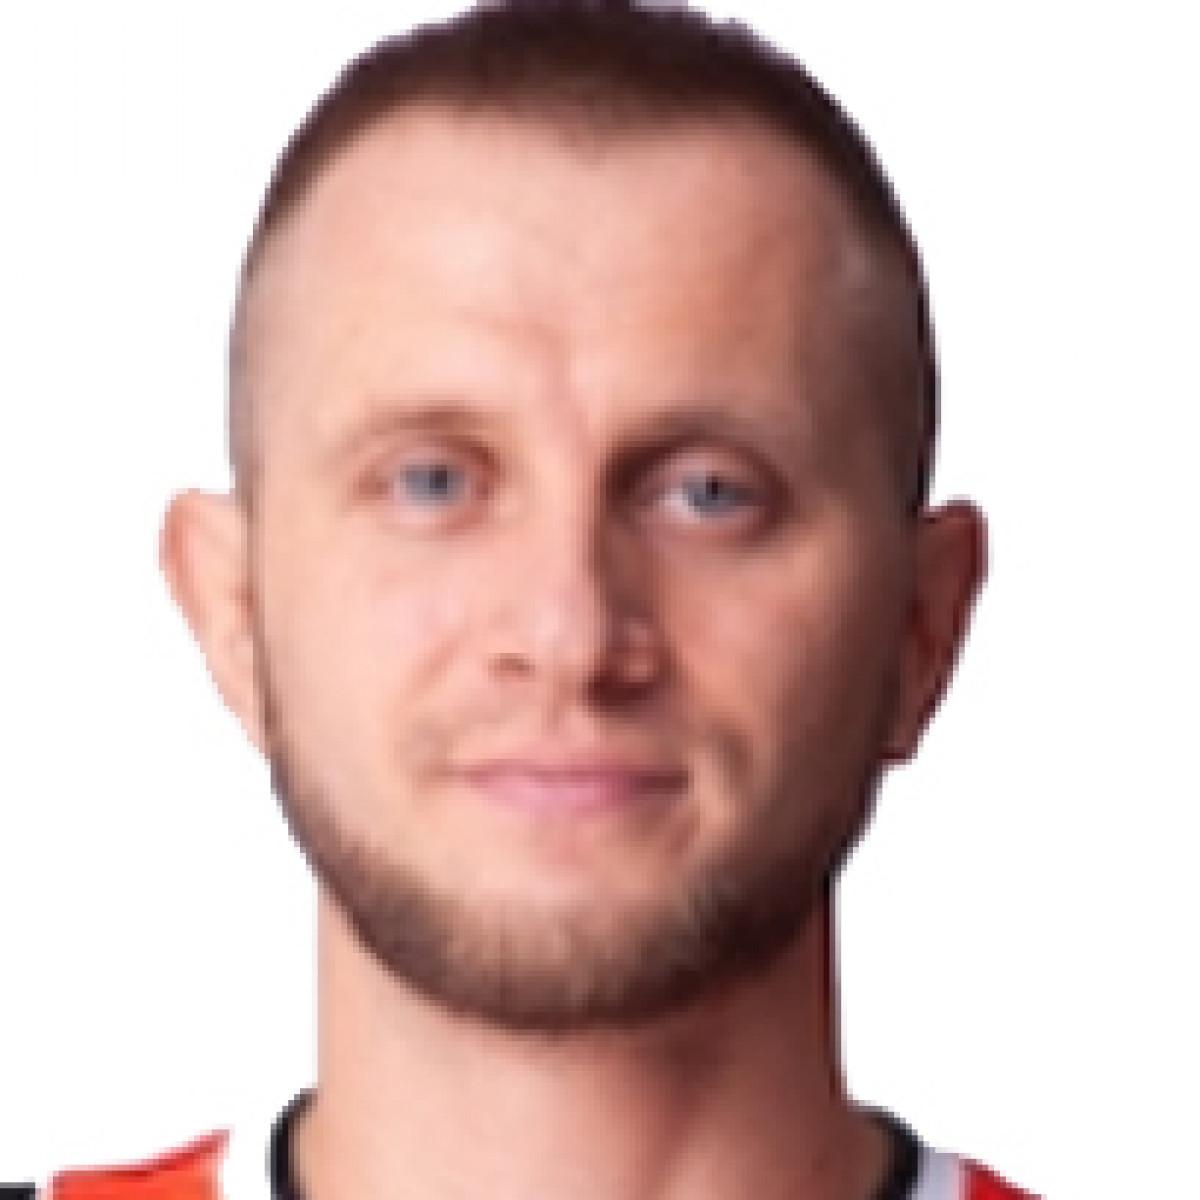 Oleksandr Kolchenko